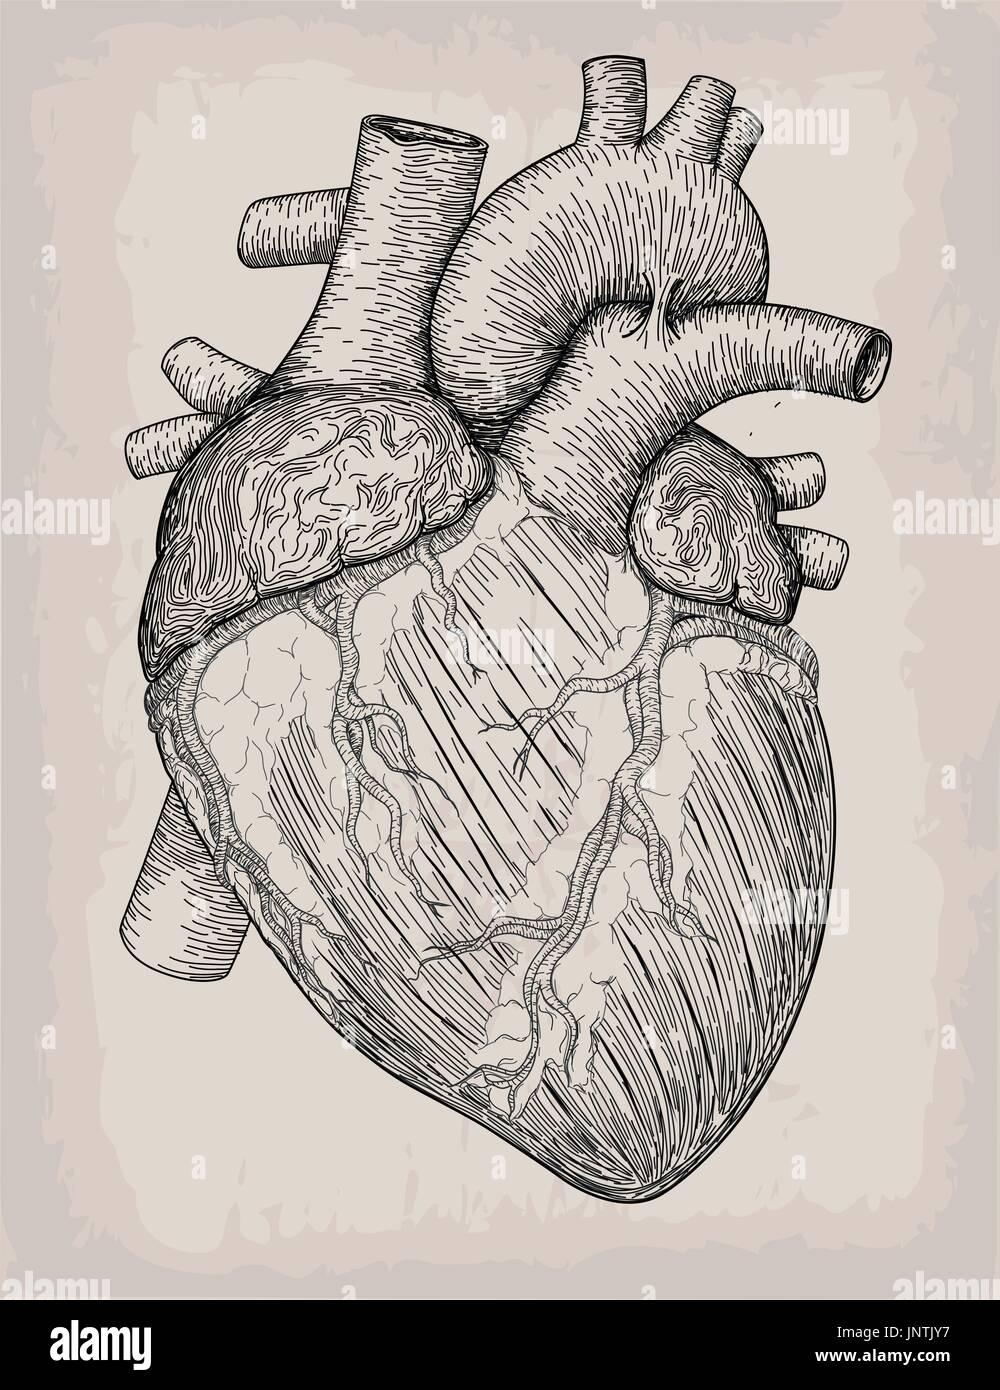 Dibujado A Mano El Corazón Humano Dibujo Anatómico La Medicina La